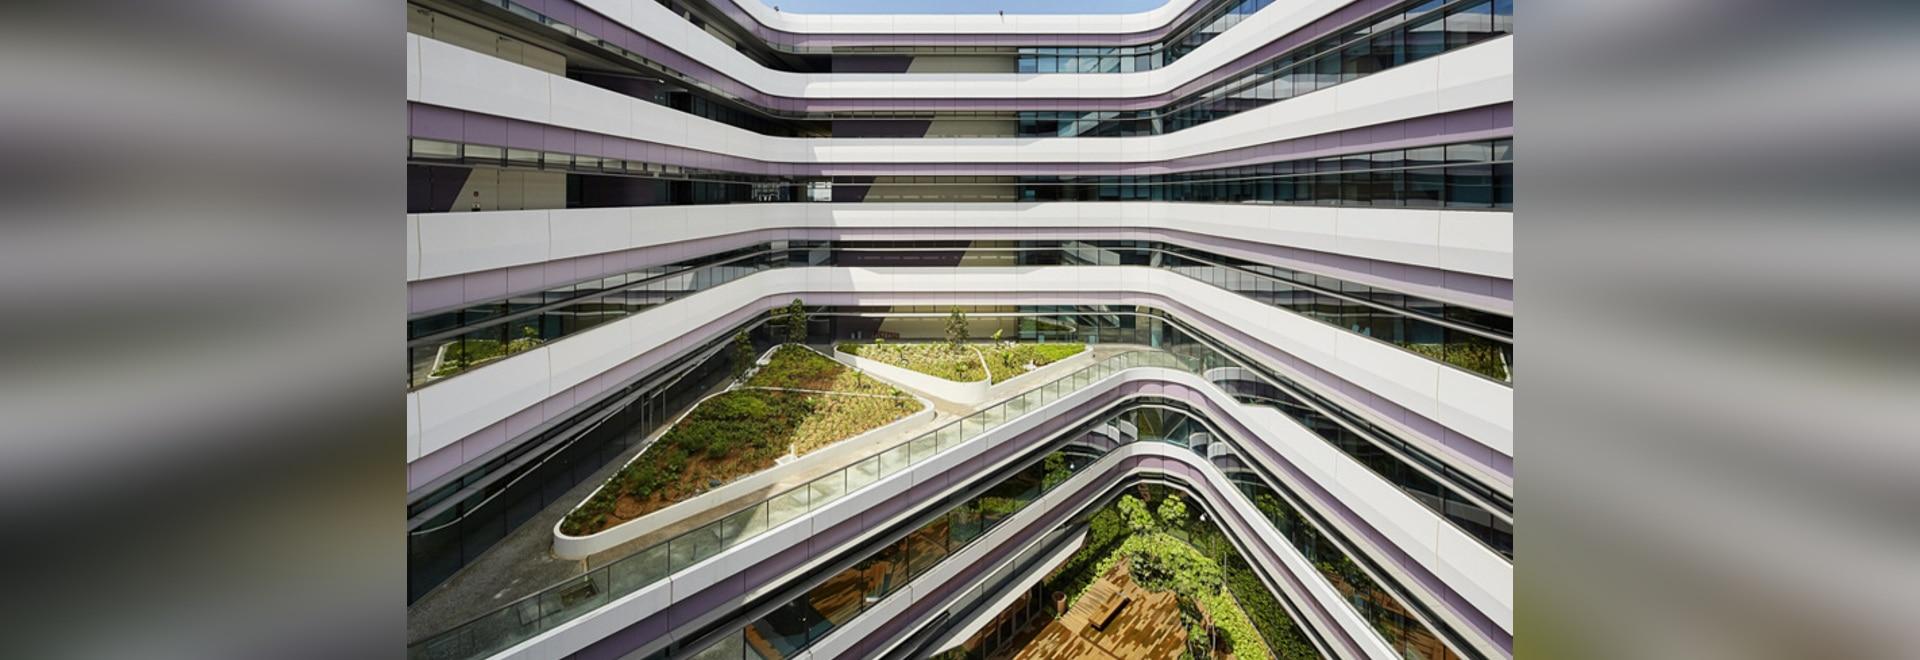 UNStudio termina la primera fase de plan director extenso de la universidad en Singapur